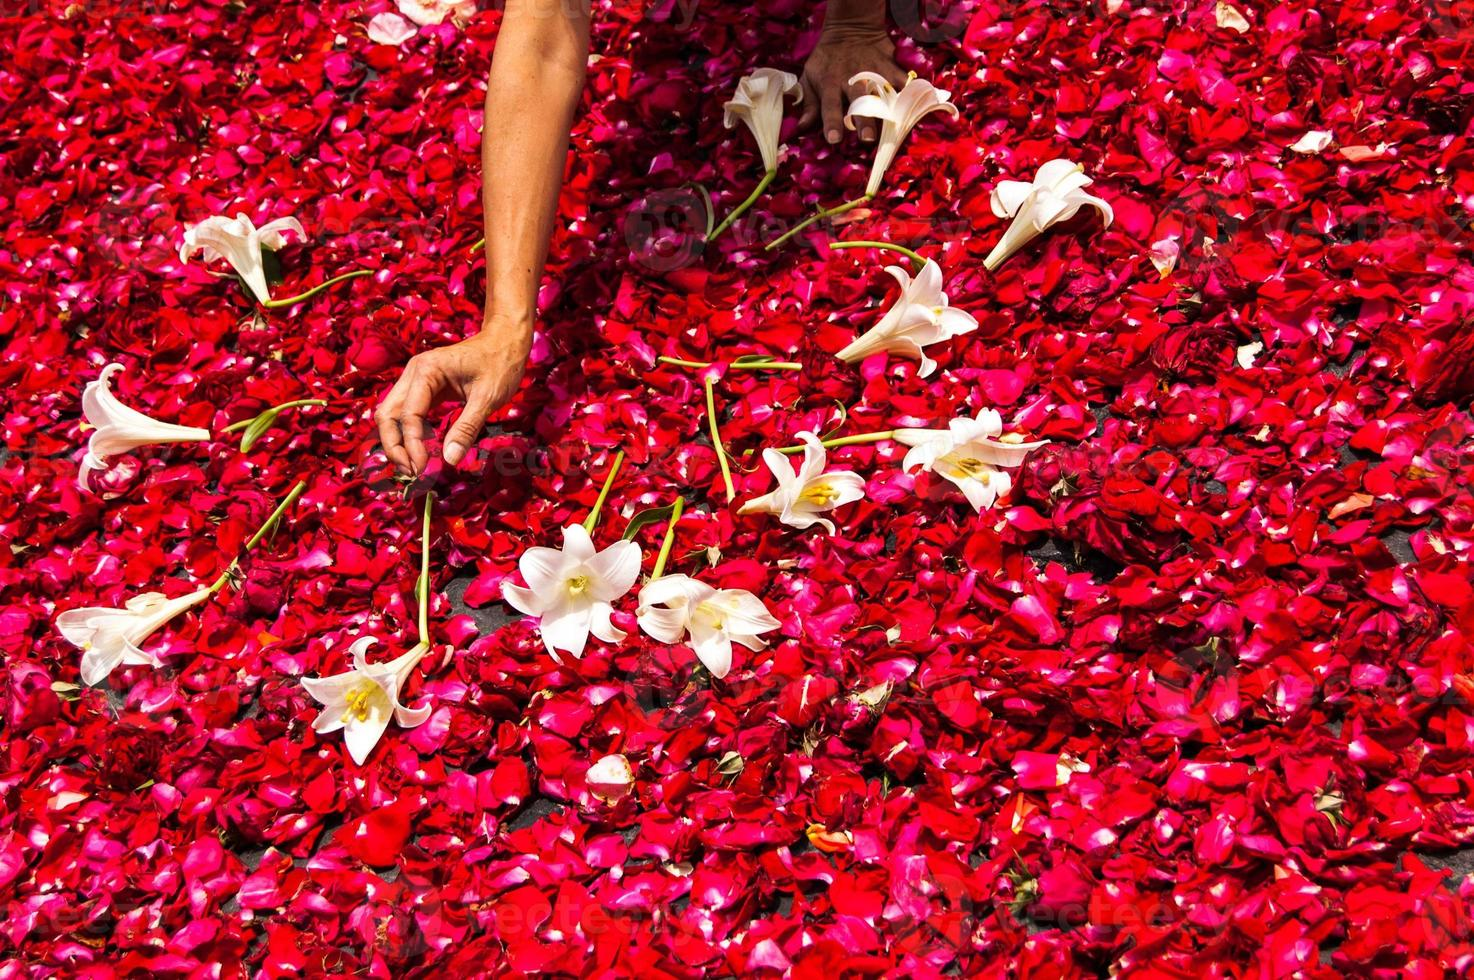 Karwoche Teppich aus Rosenblättern, Antigua, Guatemala machen foto